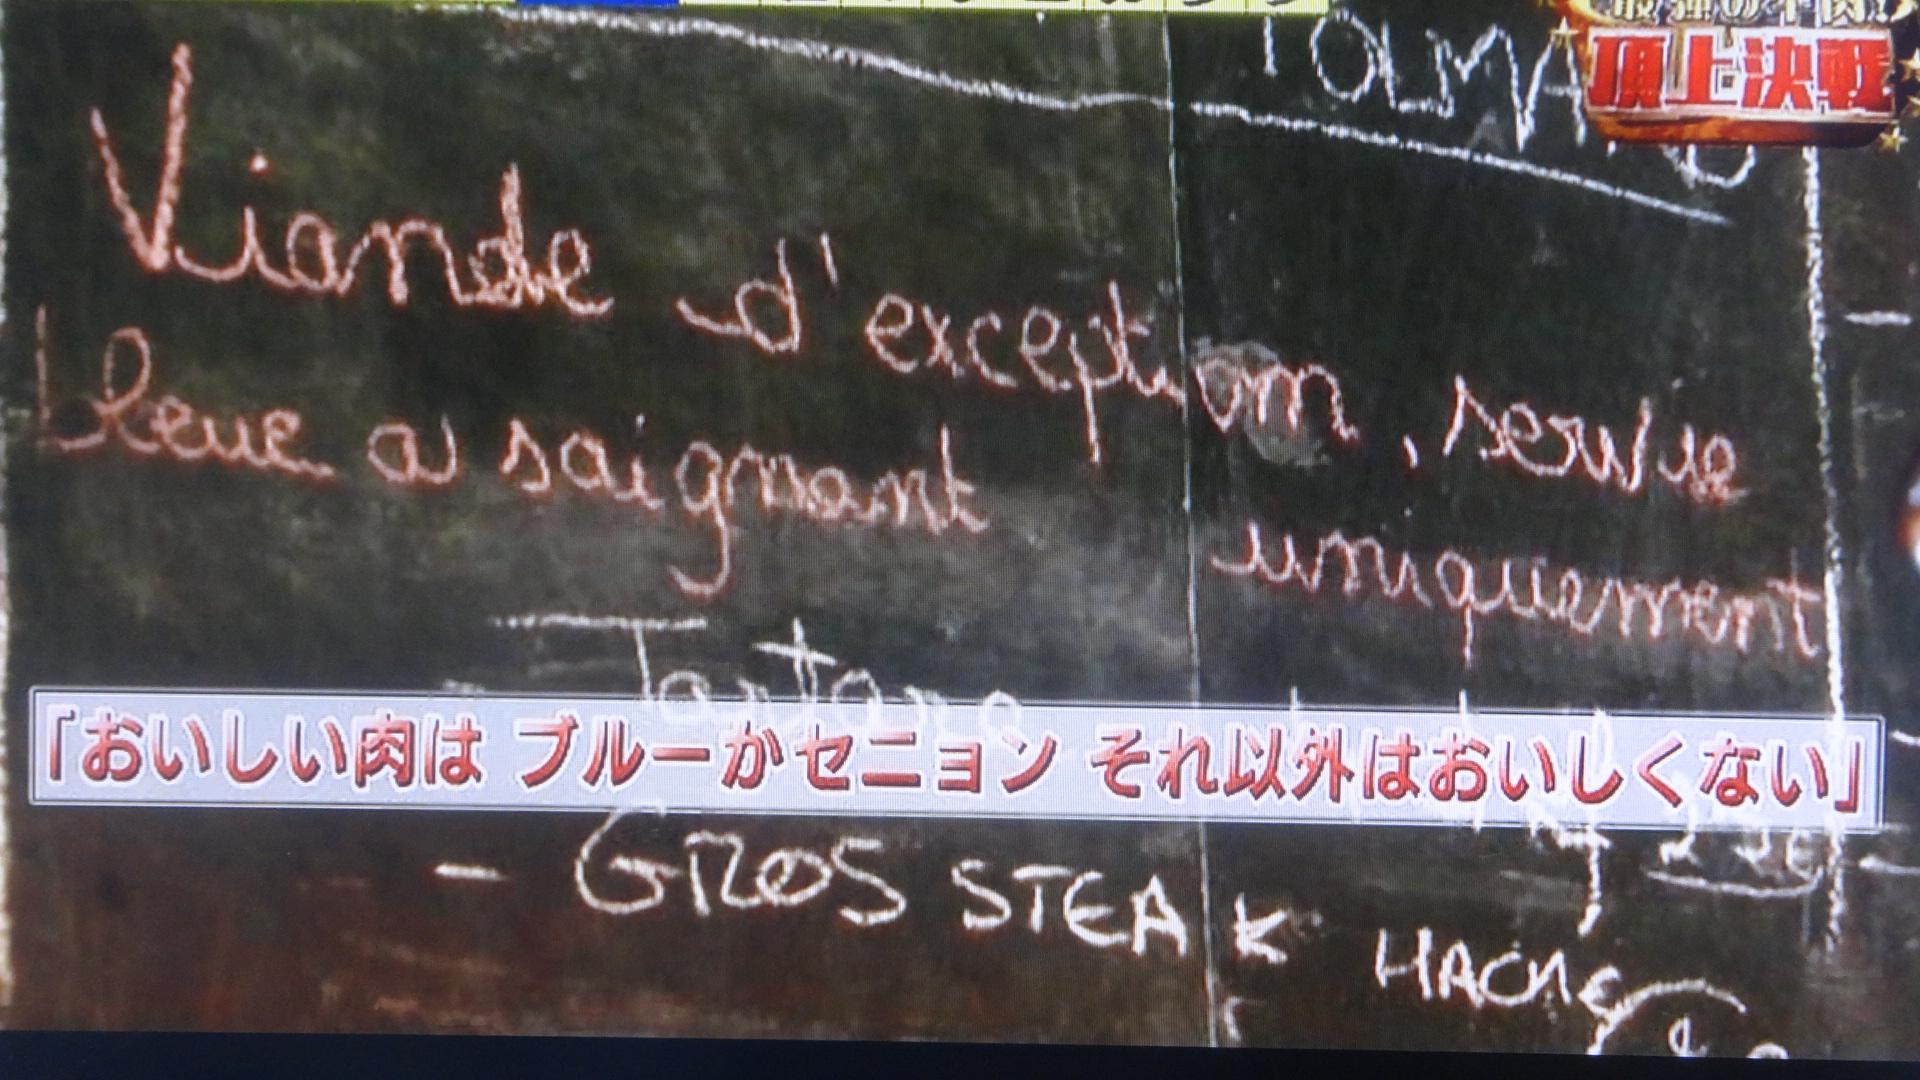 おいしい肉は ブルーかセニョン それ以外はおいしくない と書かれた黒板